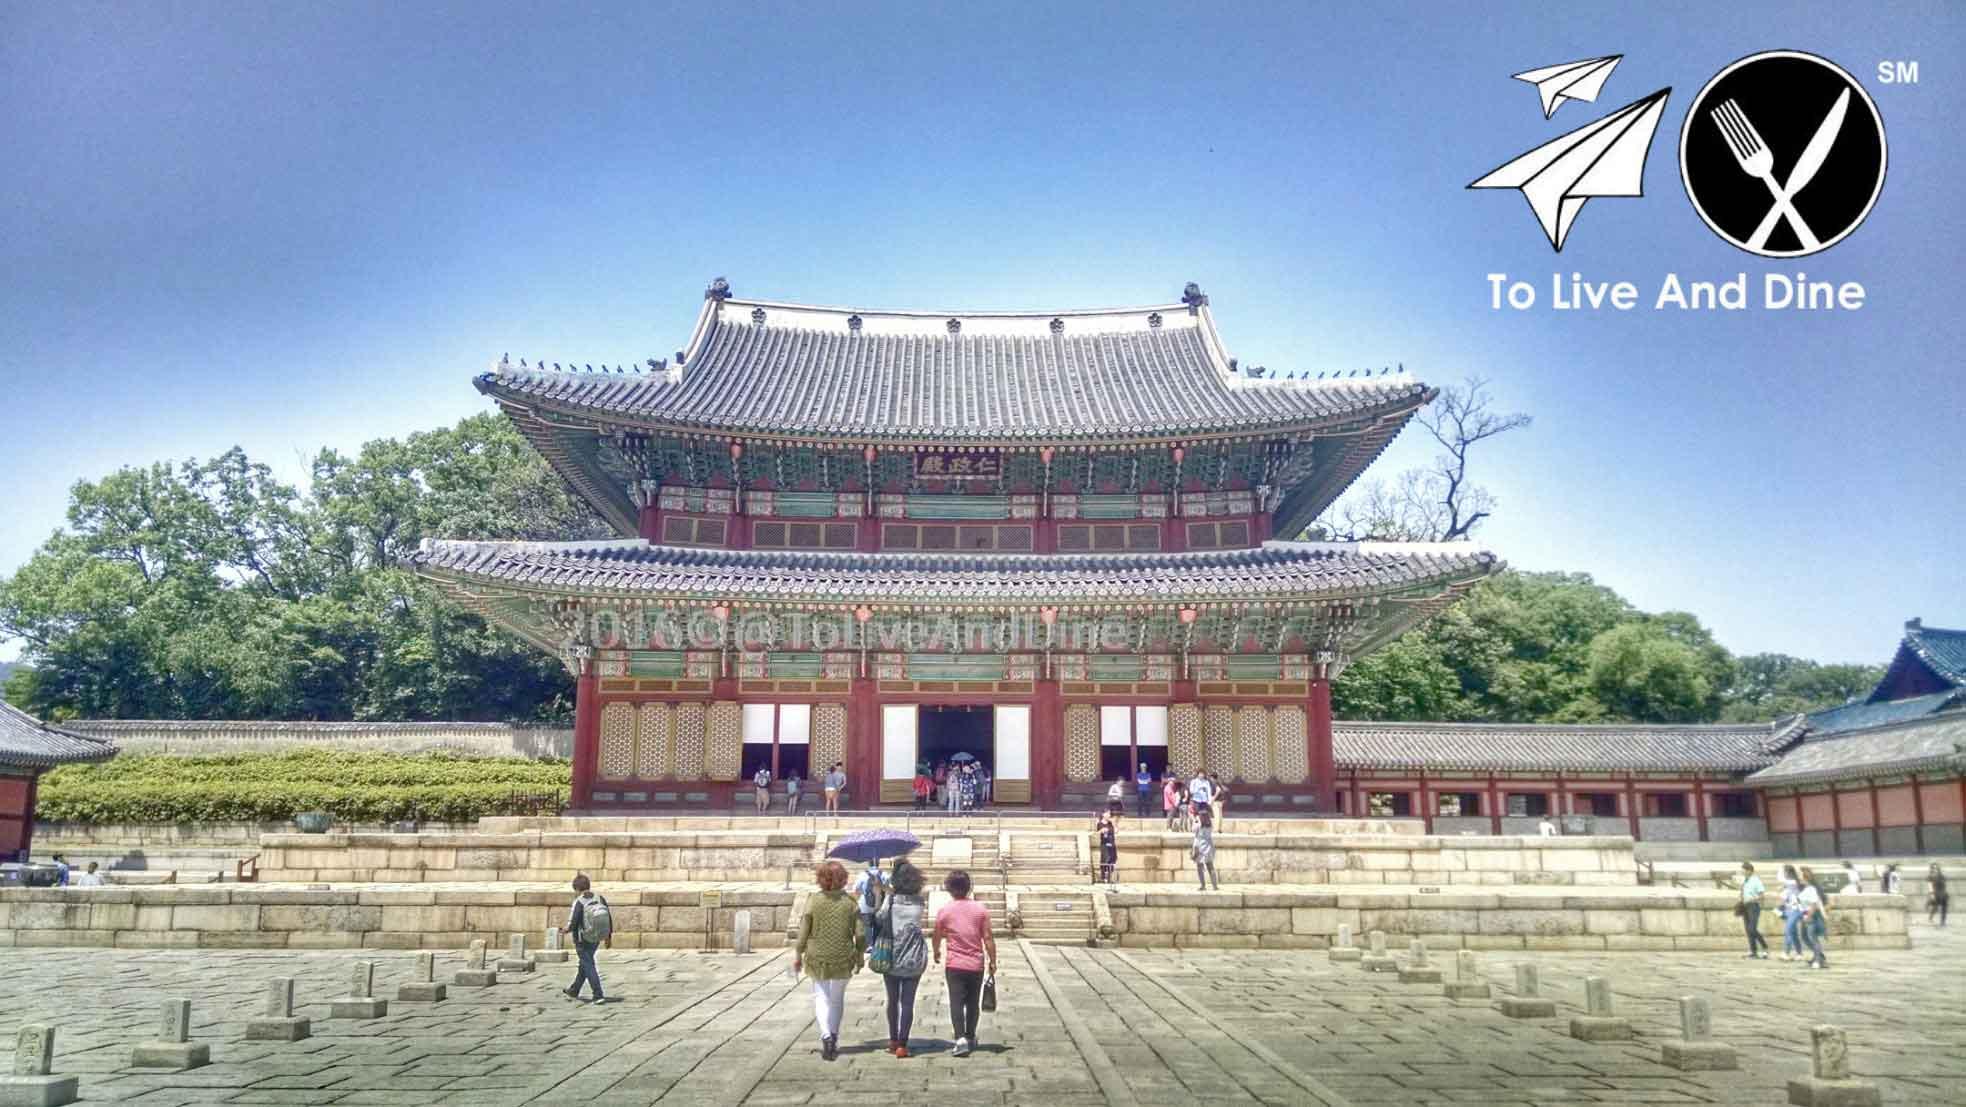 The main pavillion